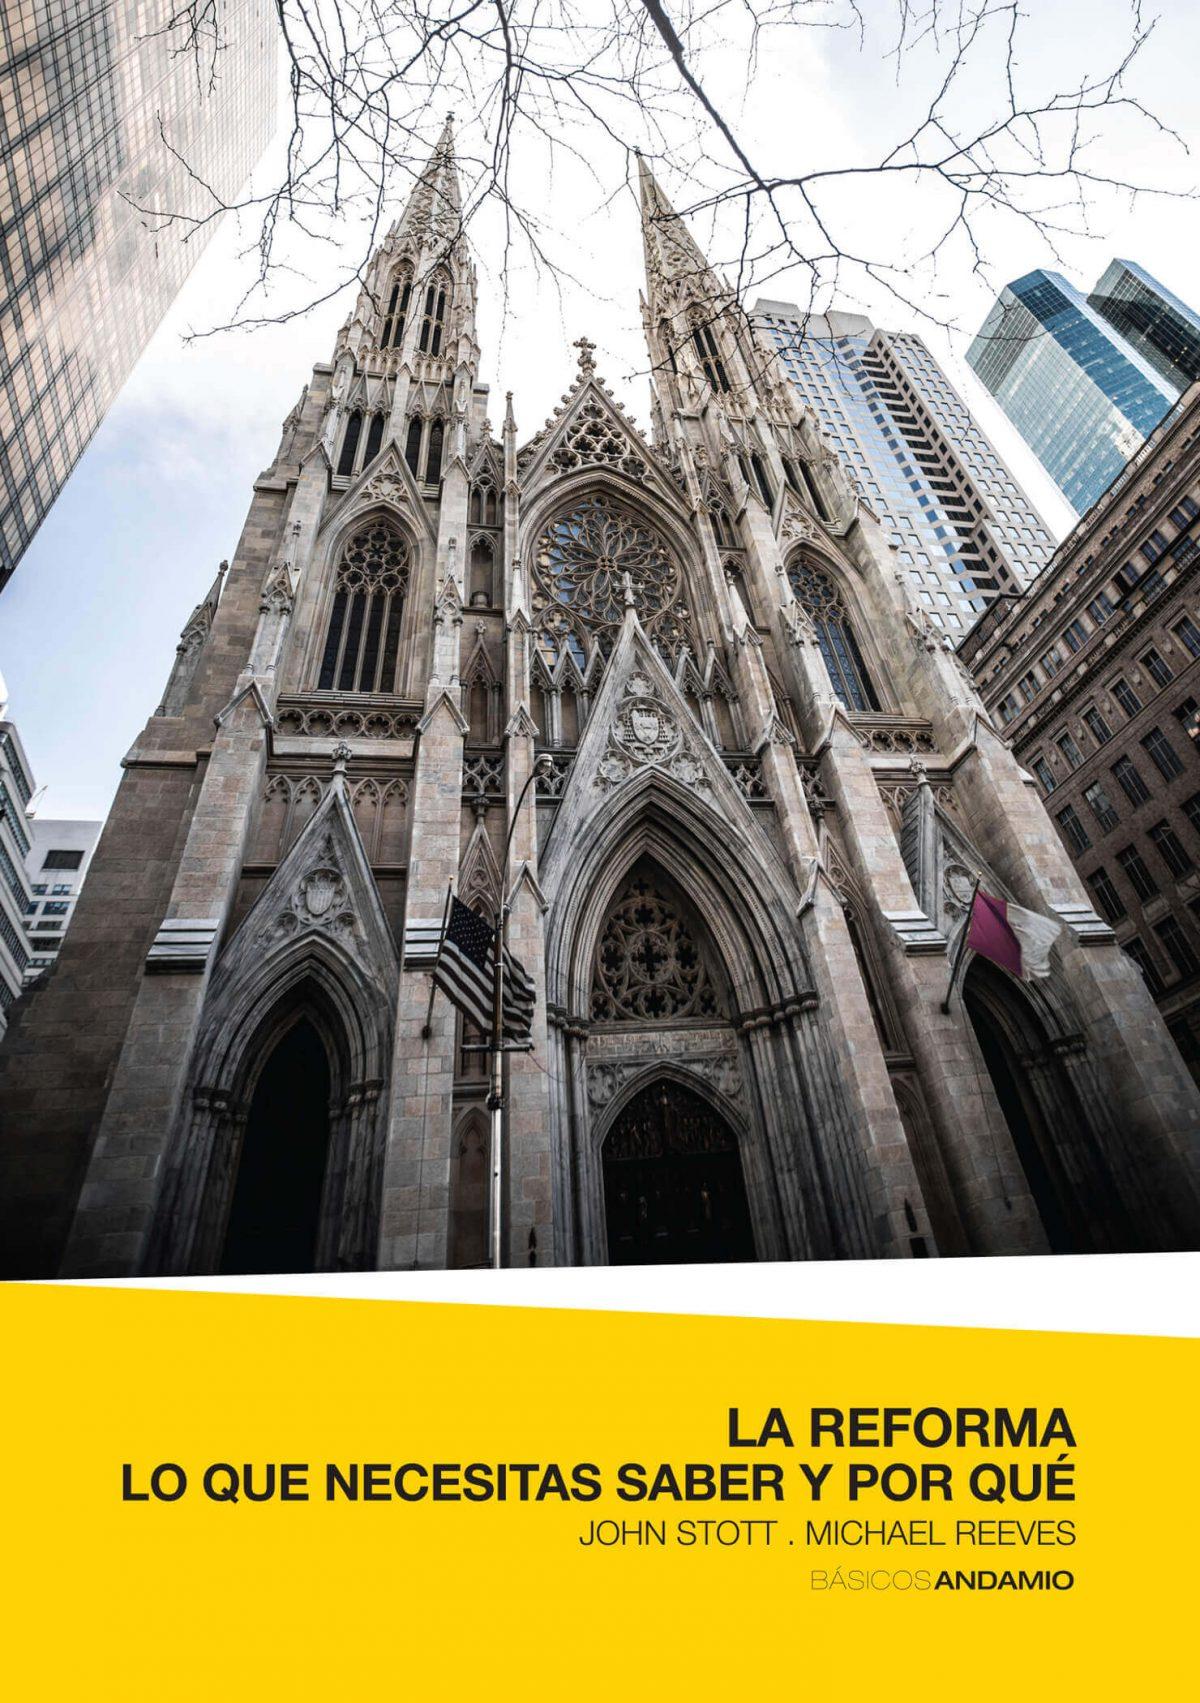 La Reforma - LO QUE NECESITAS SABER Y POR QUE